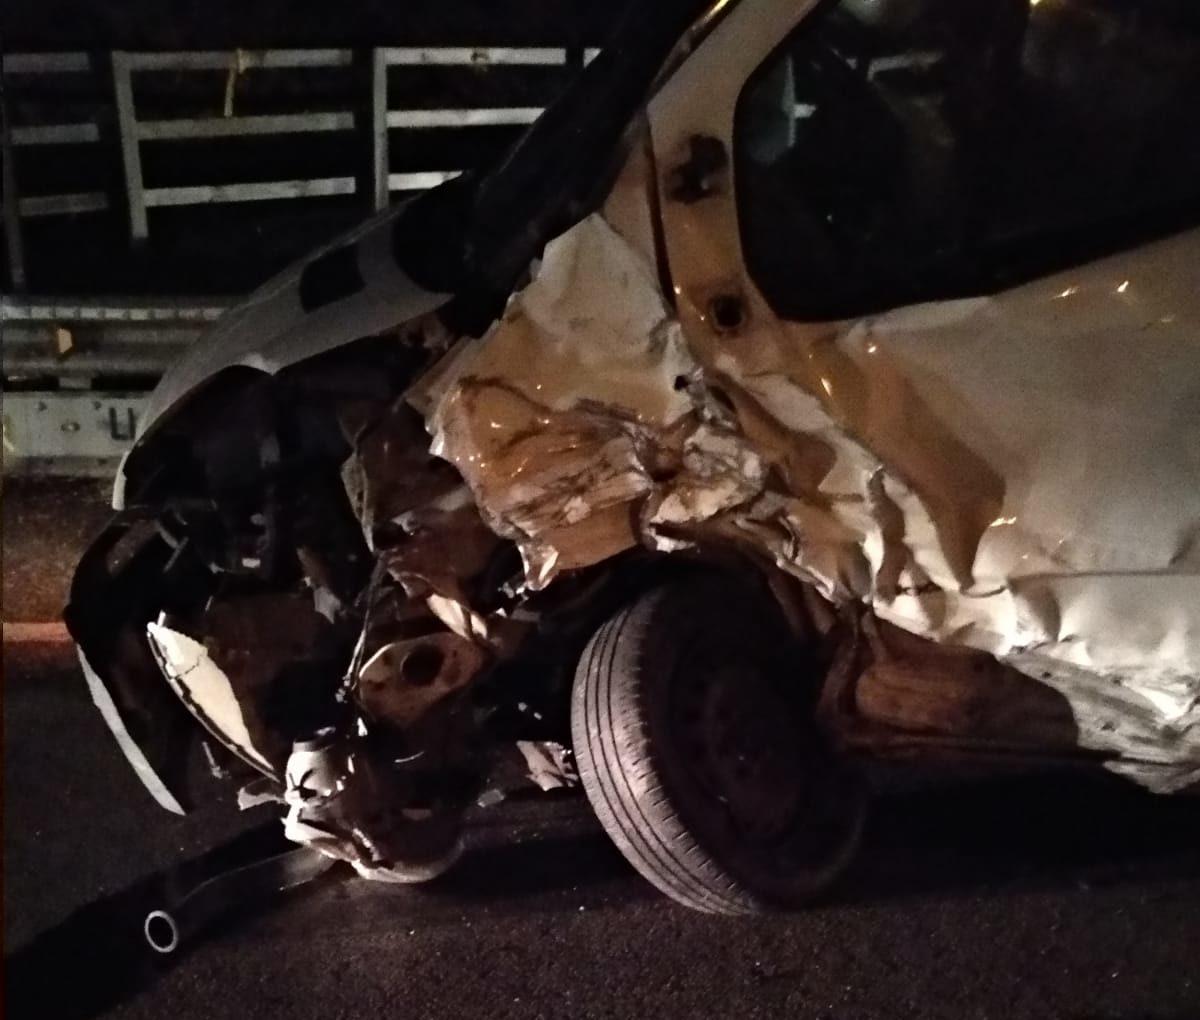 Un accident entre dos cotxes a Sant Feliu de Pallerols deixa un ferit menys greu i dos de lleus